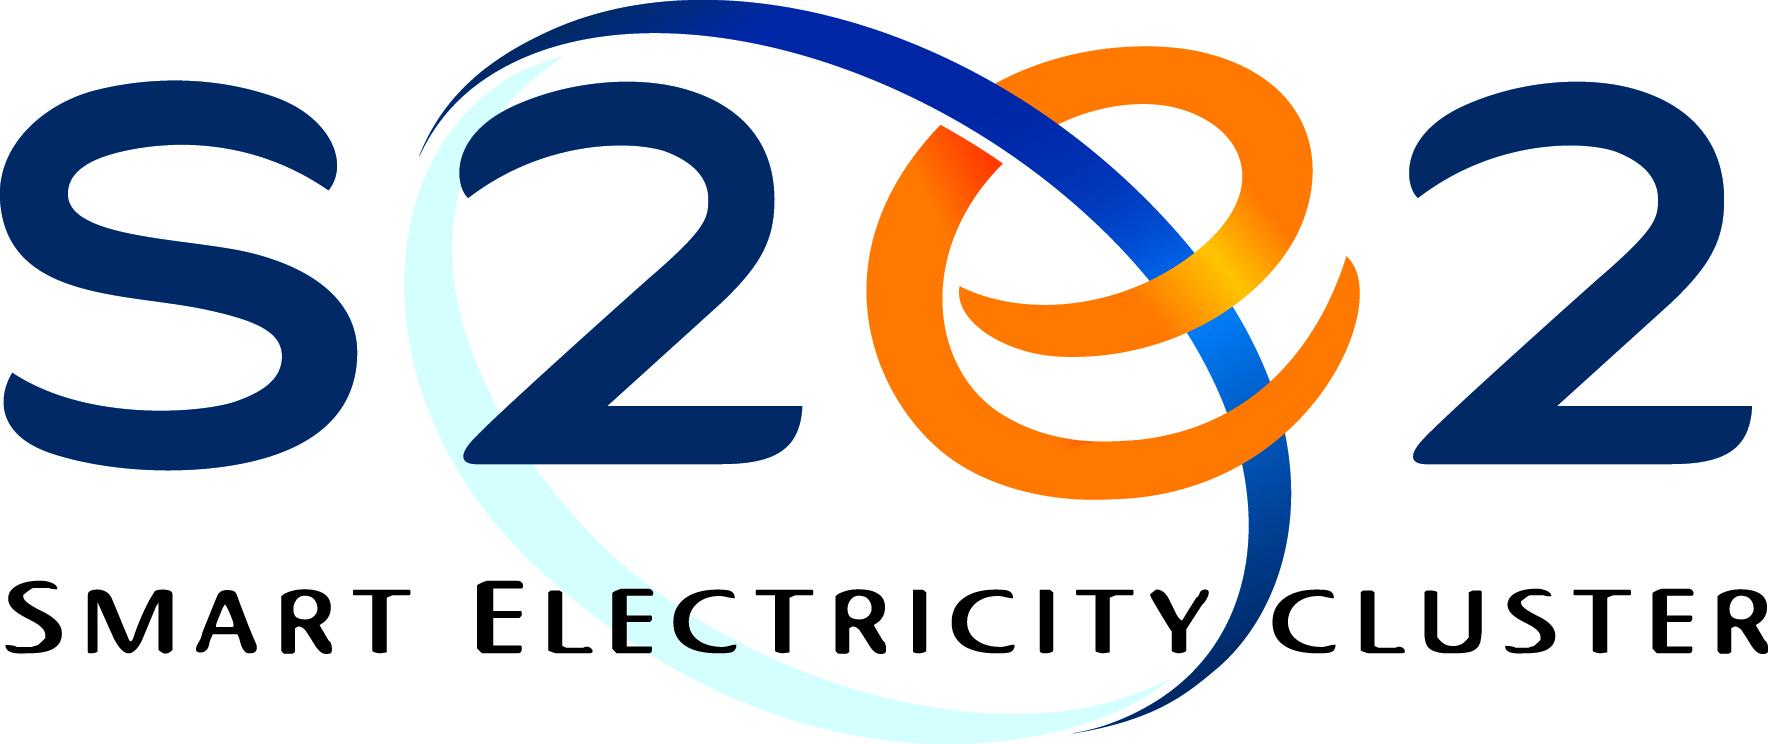 Logo de S2e2